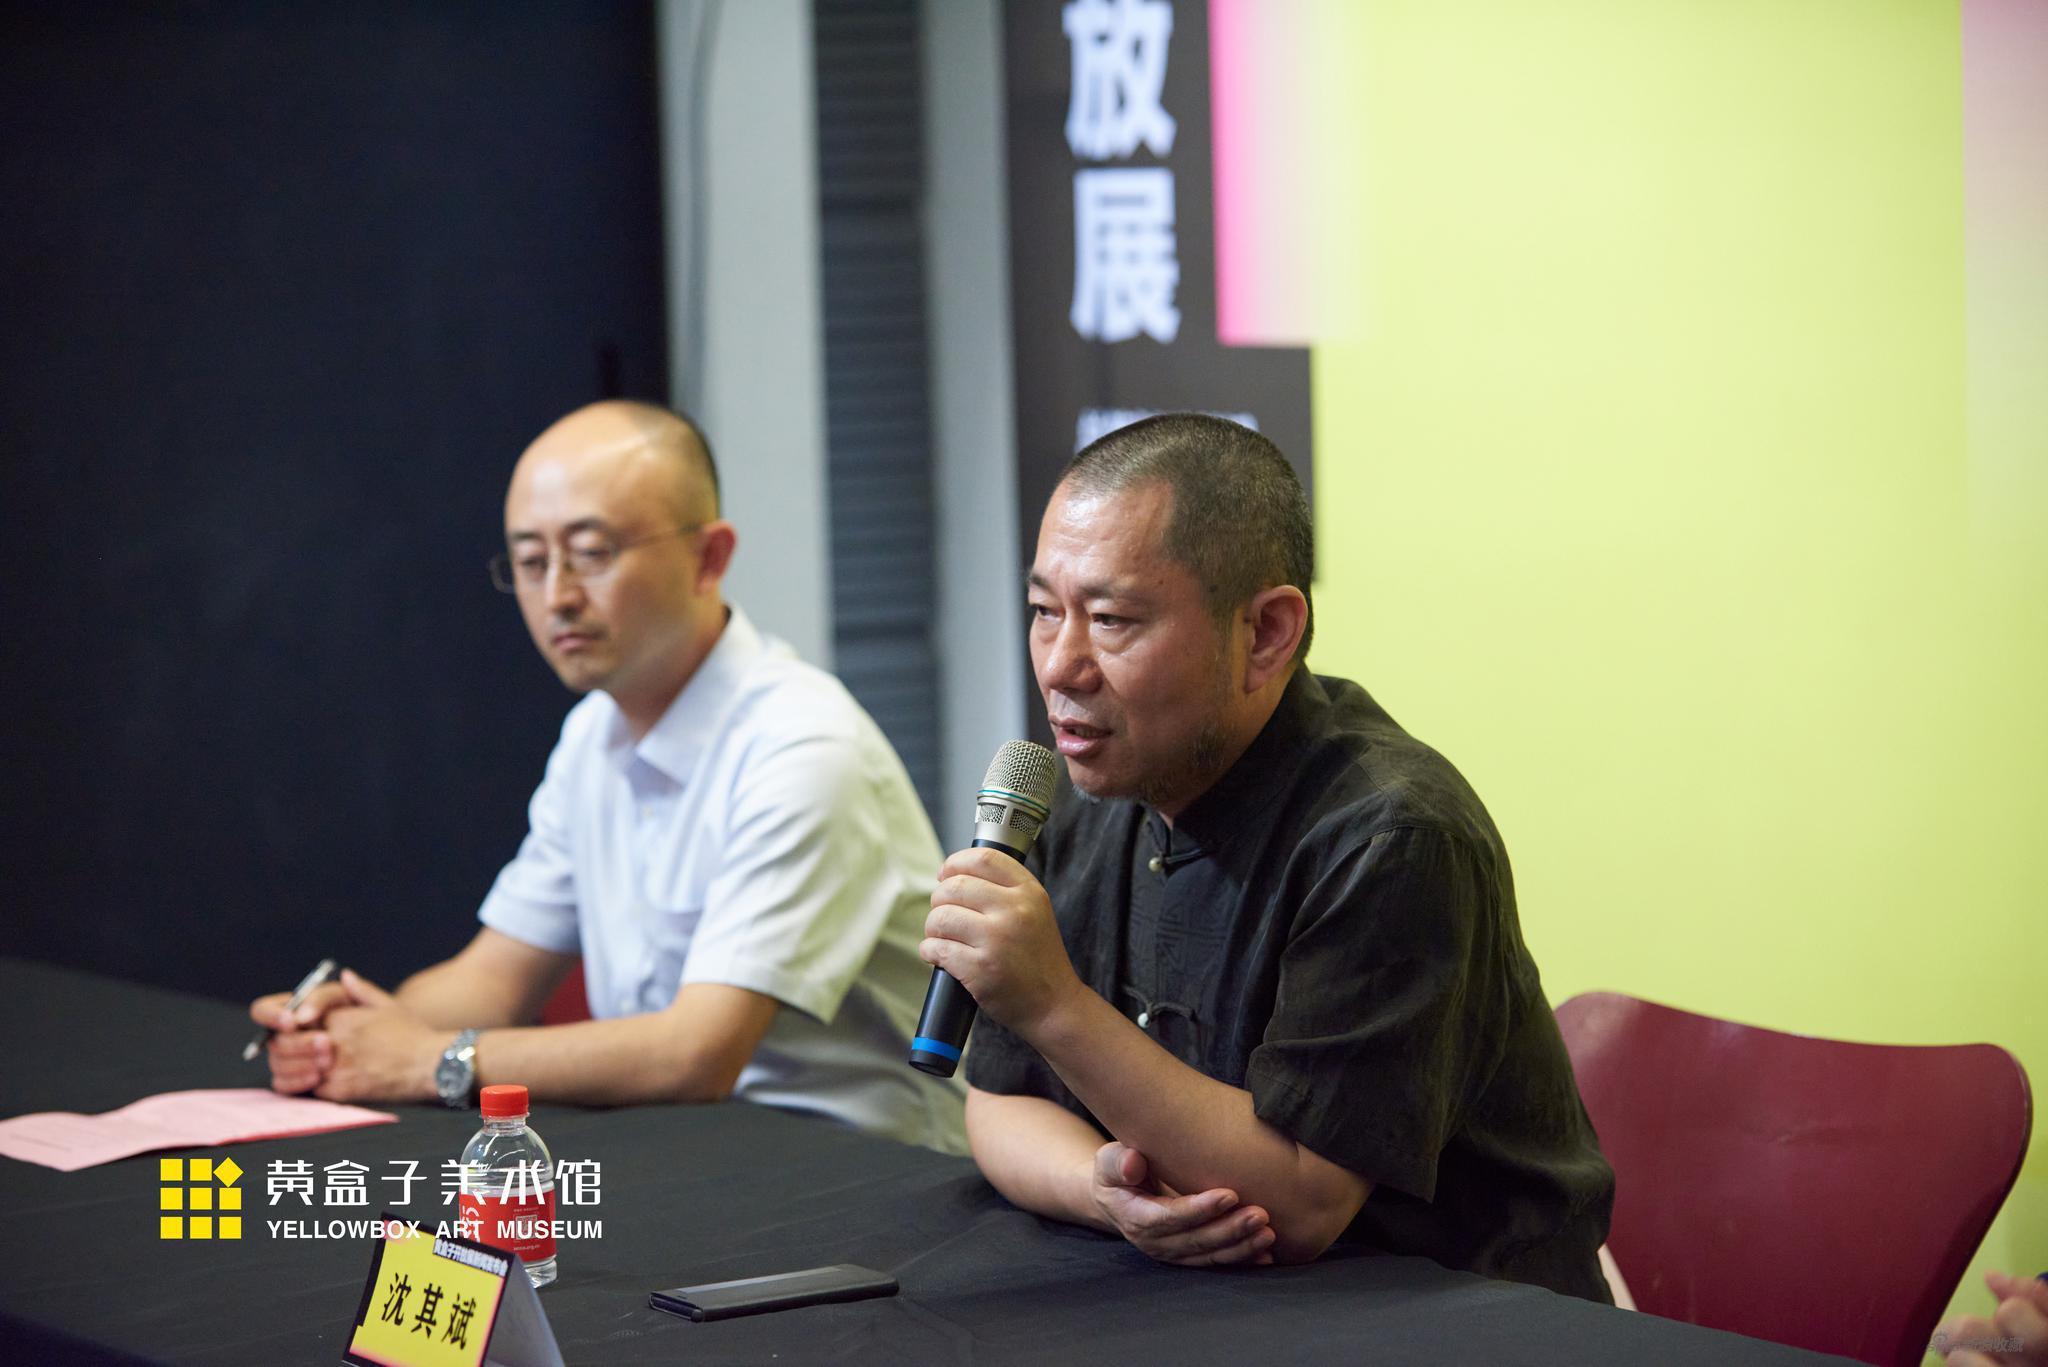 上海喜玛拉雅美术馆、青岛黄盒子美术馆馆长沈其斌介绍黄盒子开放展